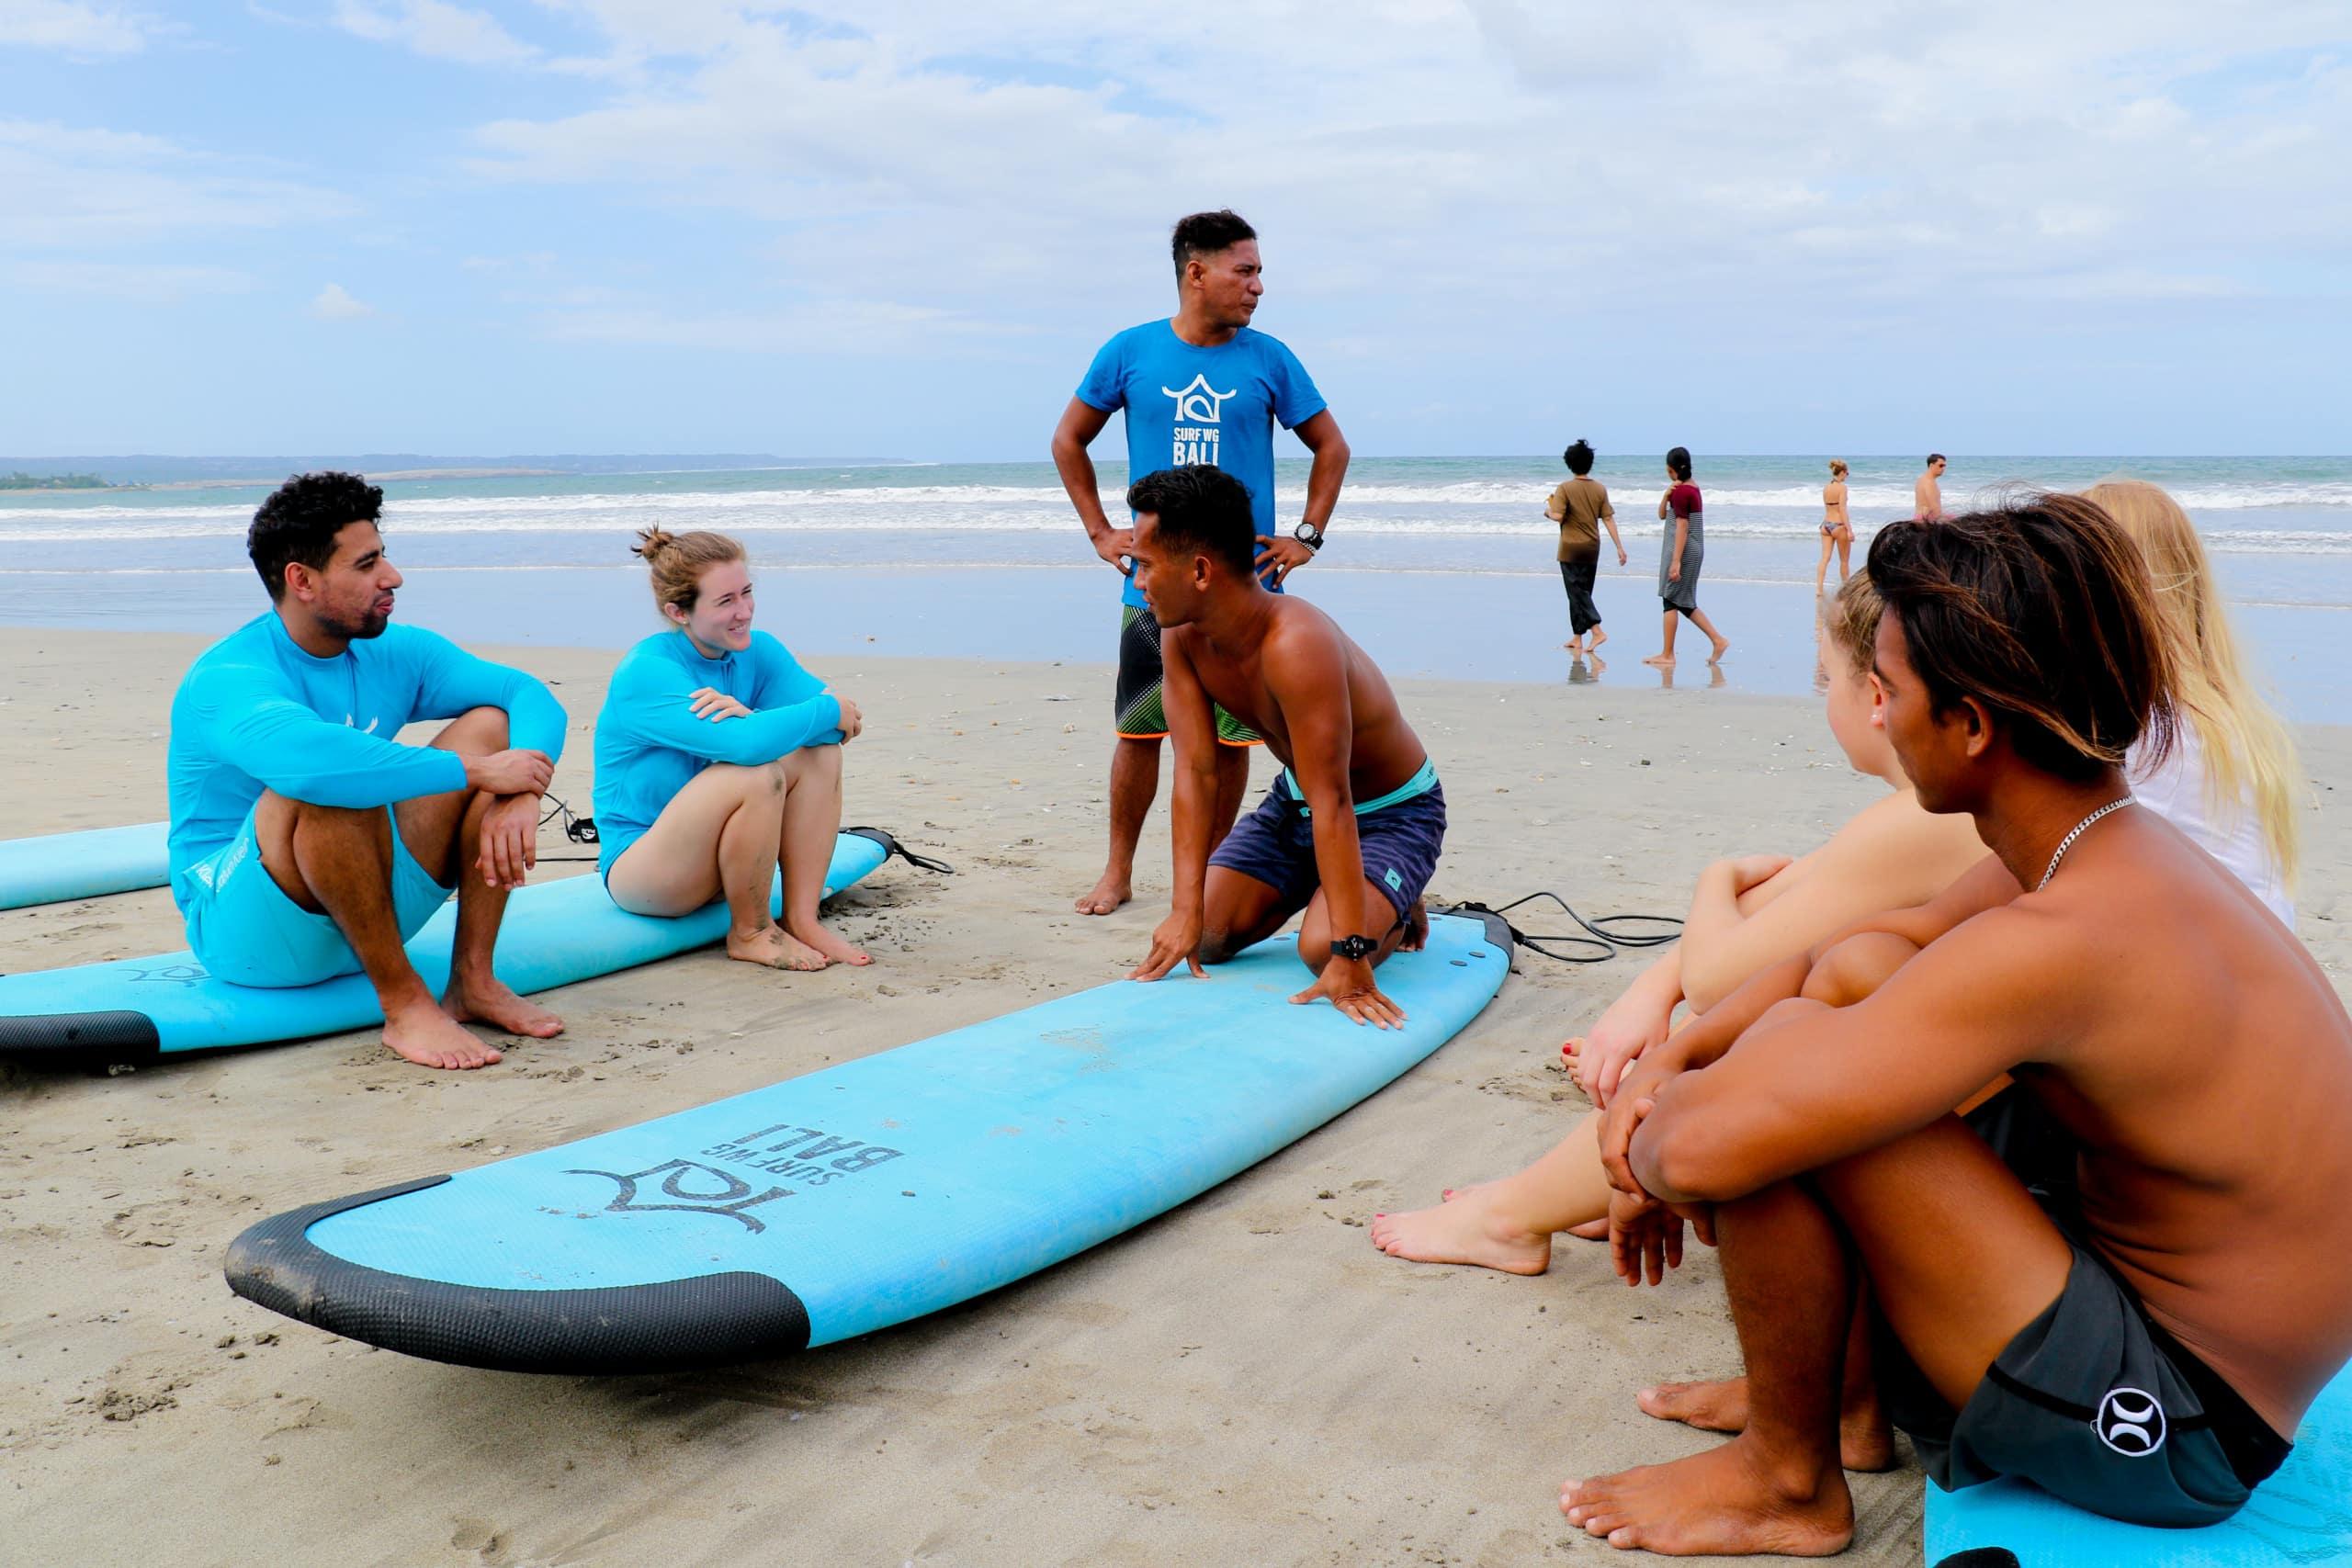 Beginner Kurs in der Surf WG Bali